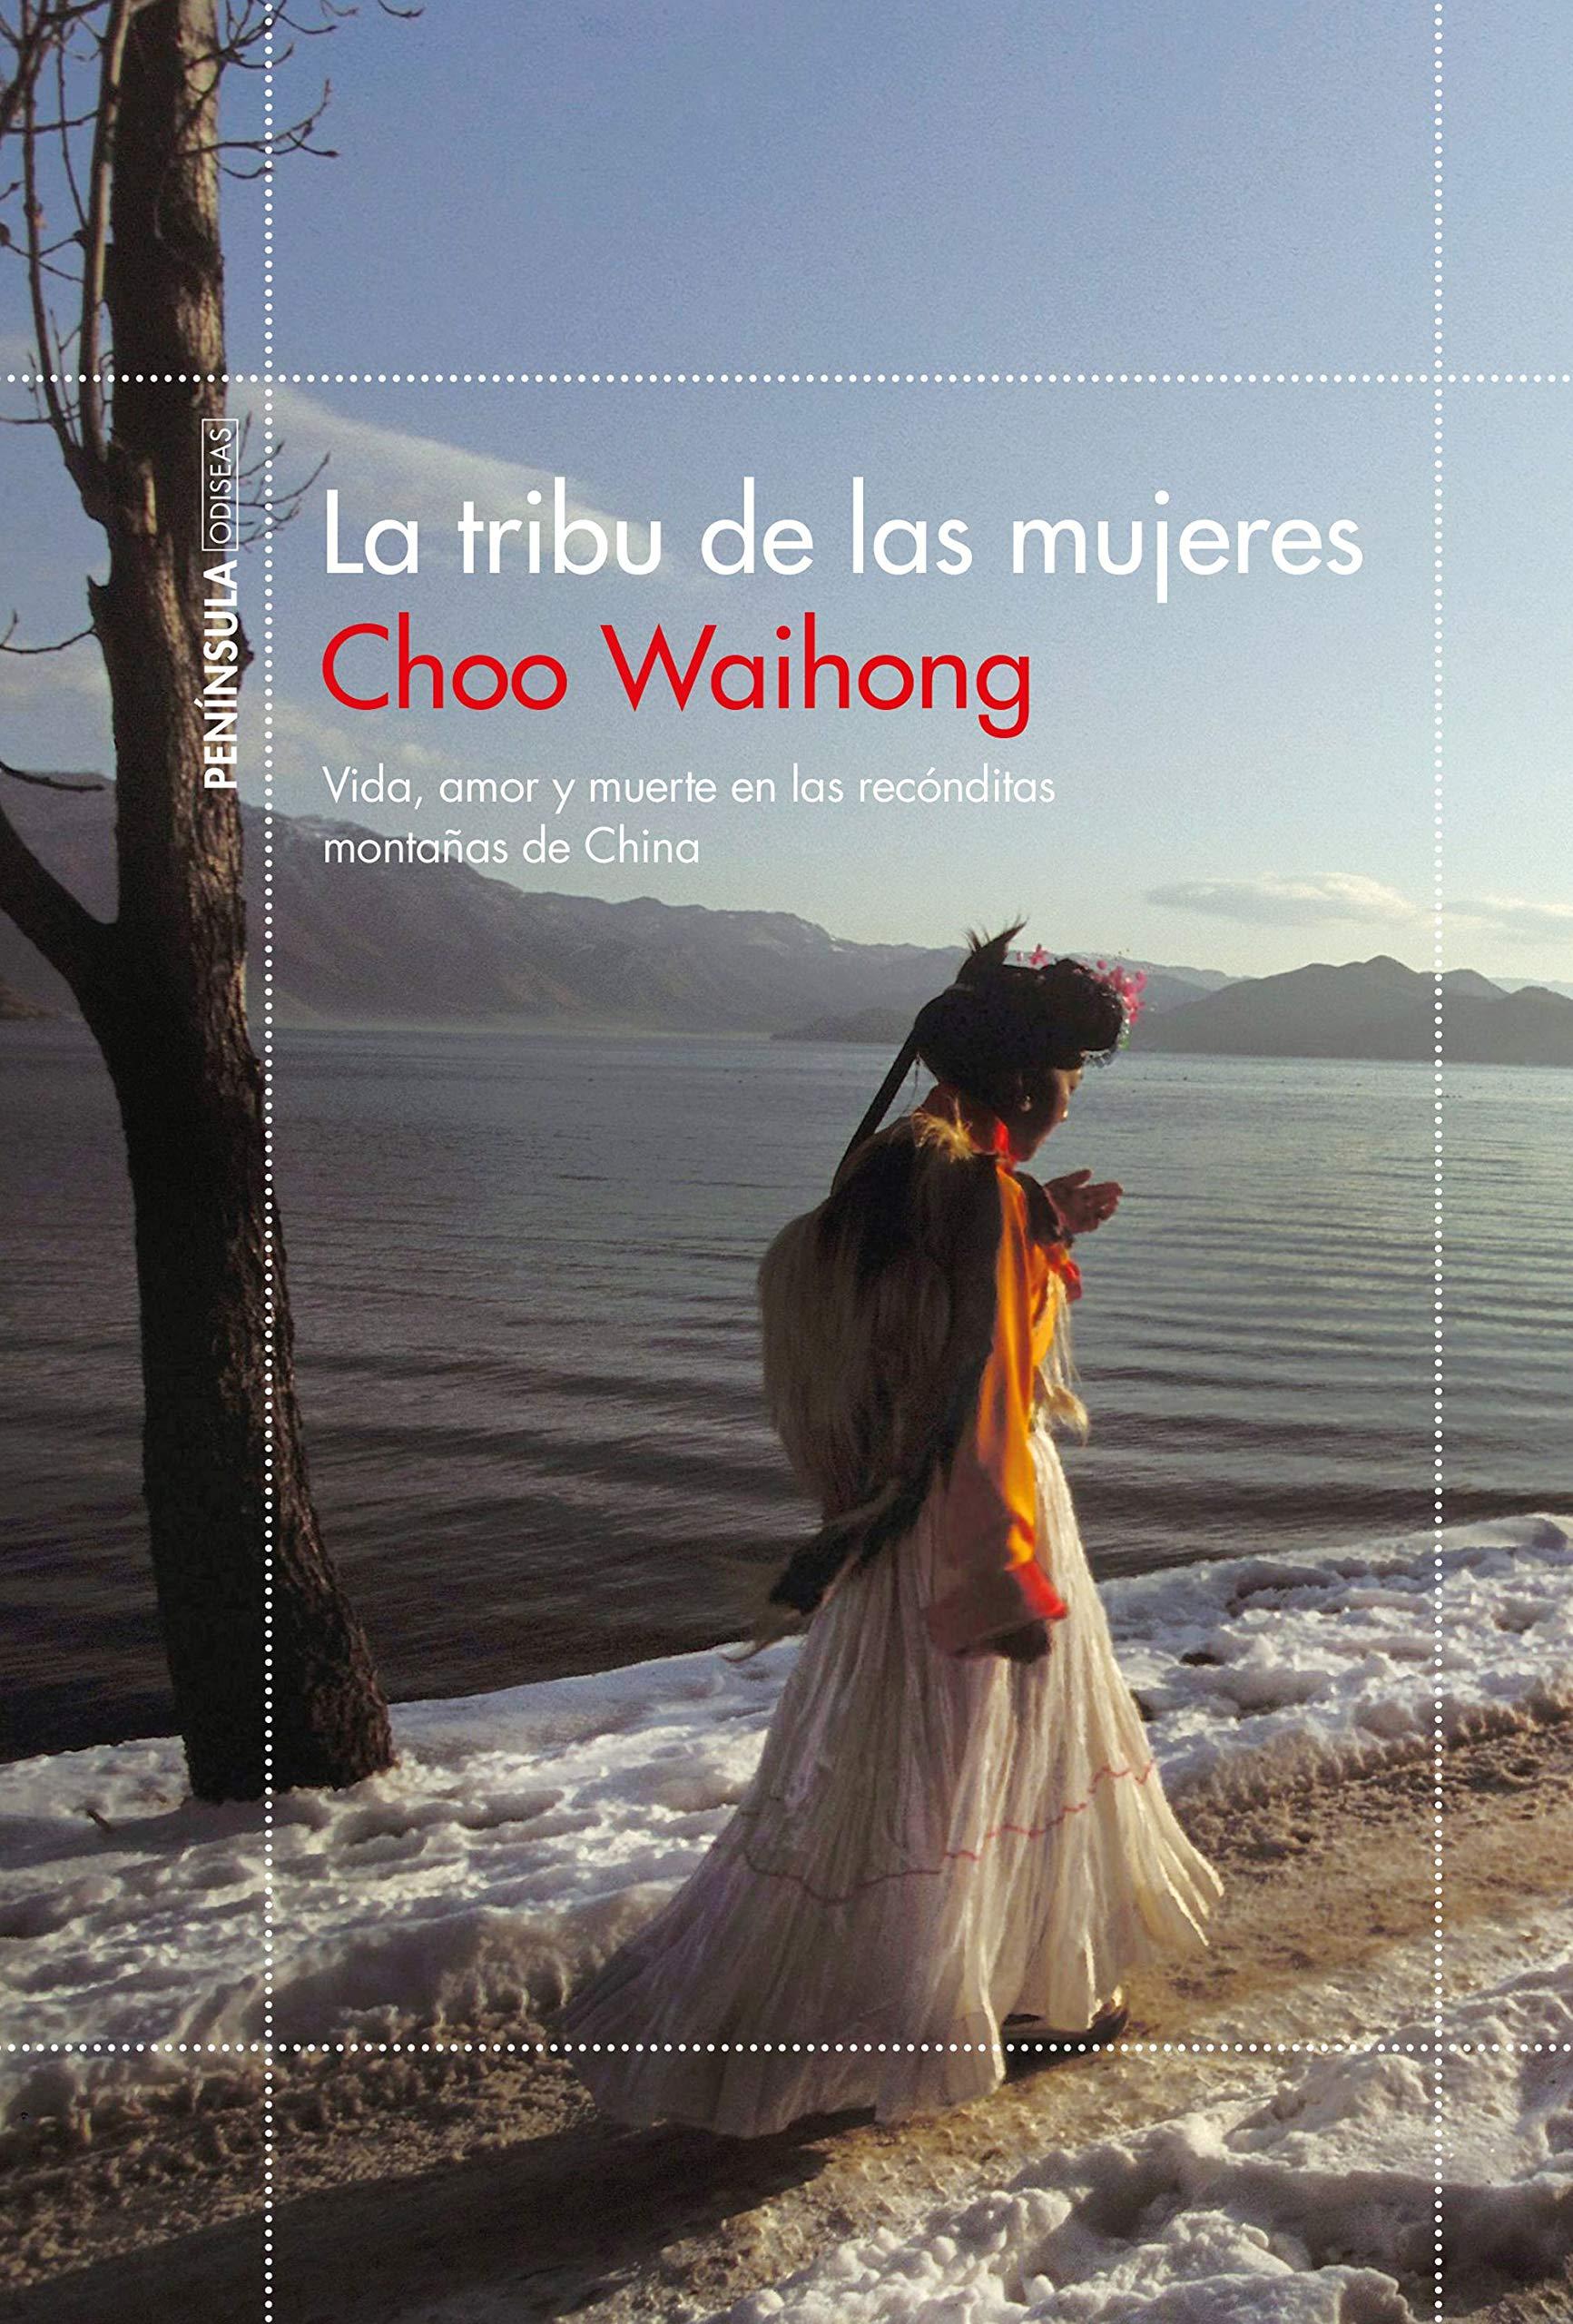 La tribu de las mujeres: Vida, amor y muerte en las recónditas montañas de China (ODISEAS) Tapa blanda – 30 oct 2018 Choo Waihong Andrea Montero Cusset Ediciones Península 8499427421